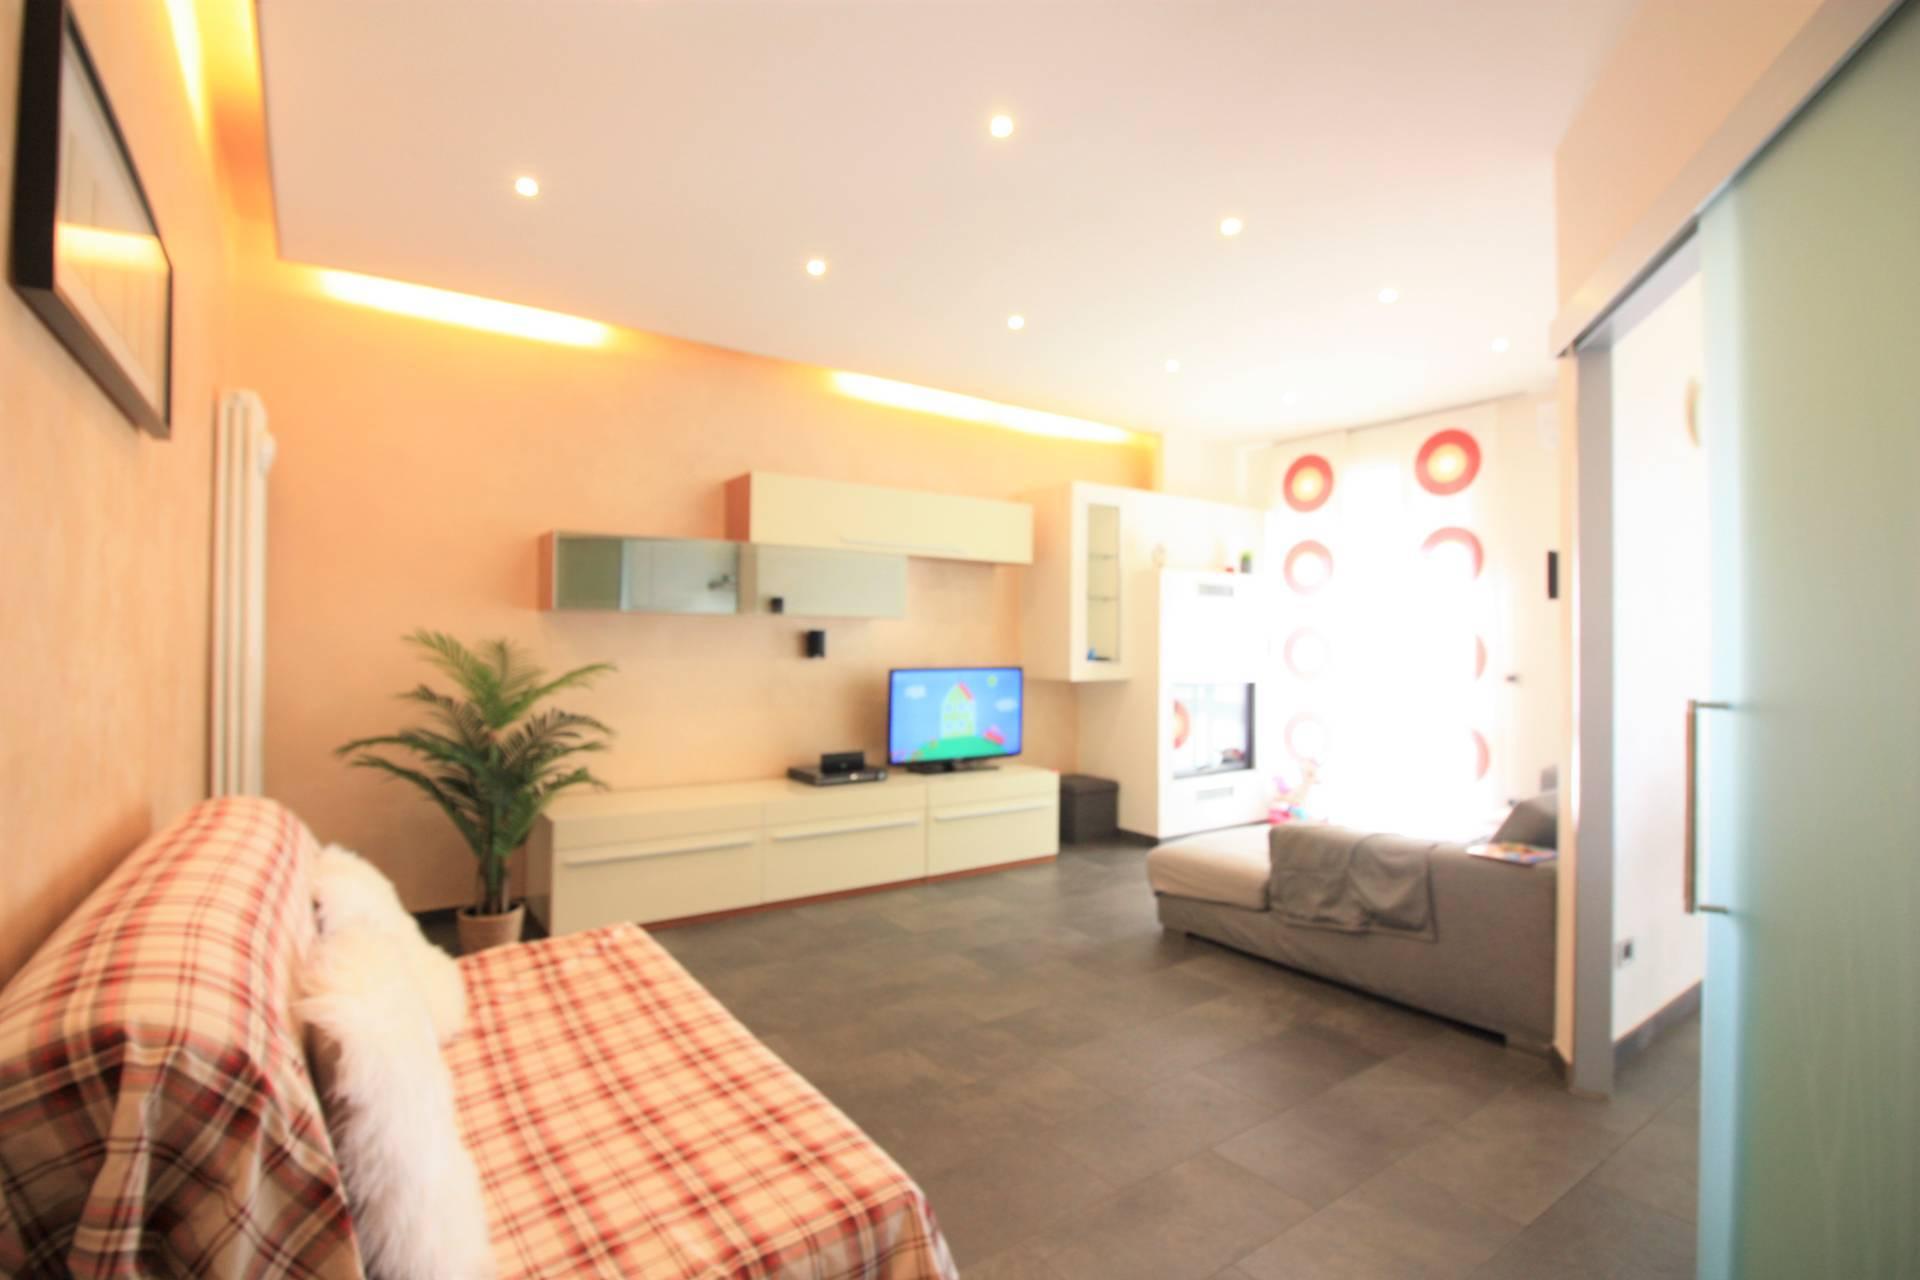 Appartamento in vendita a Ronciglione, 7 locali, zona Località: semi-centrale, prezzo € 130.000   CambioCasa.it